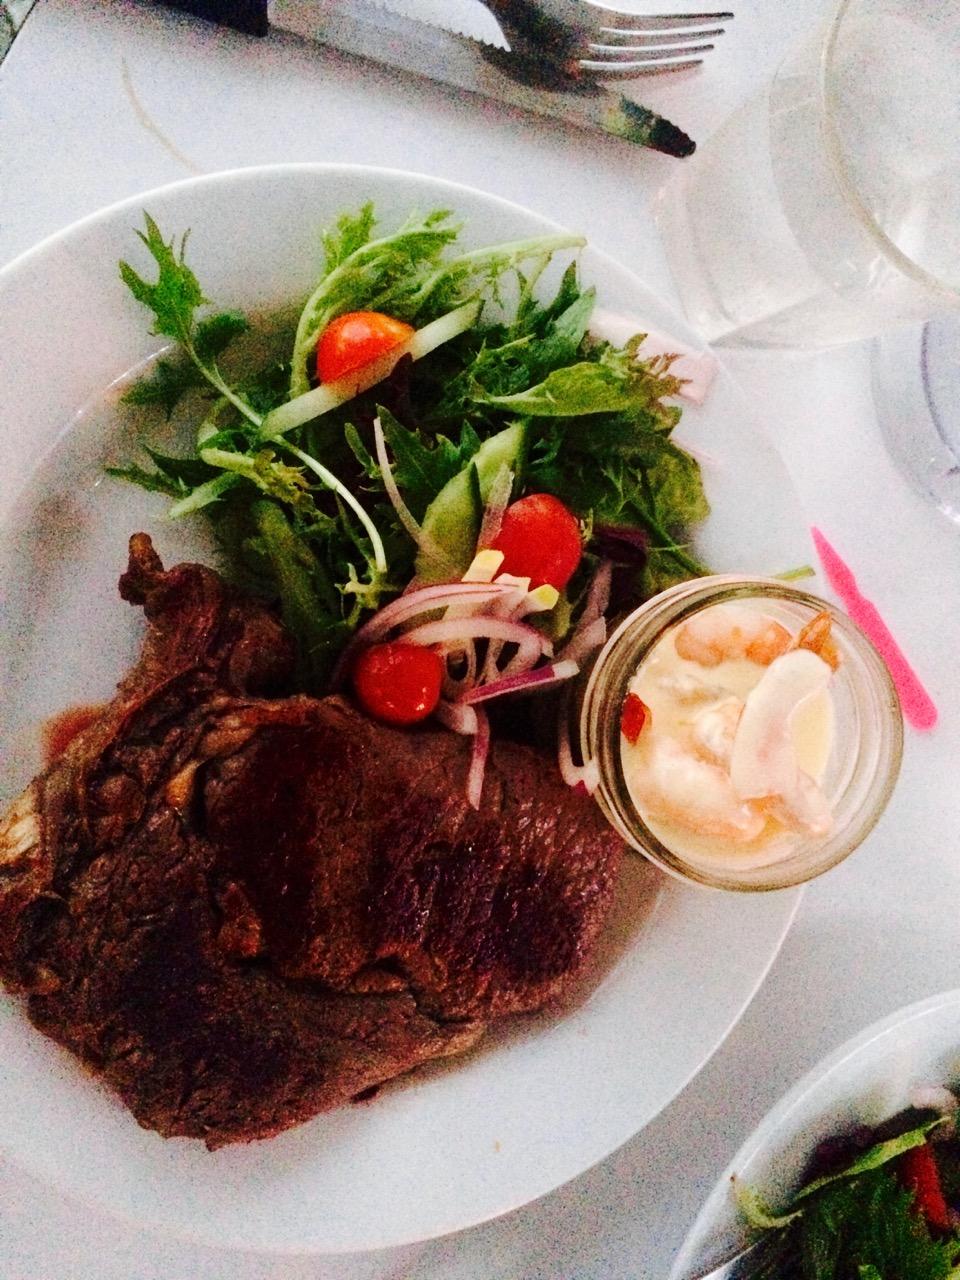 A famous Rocky steak!